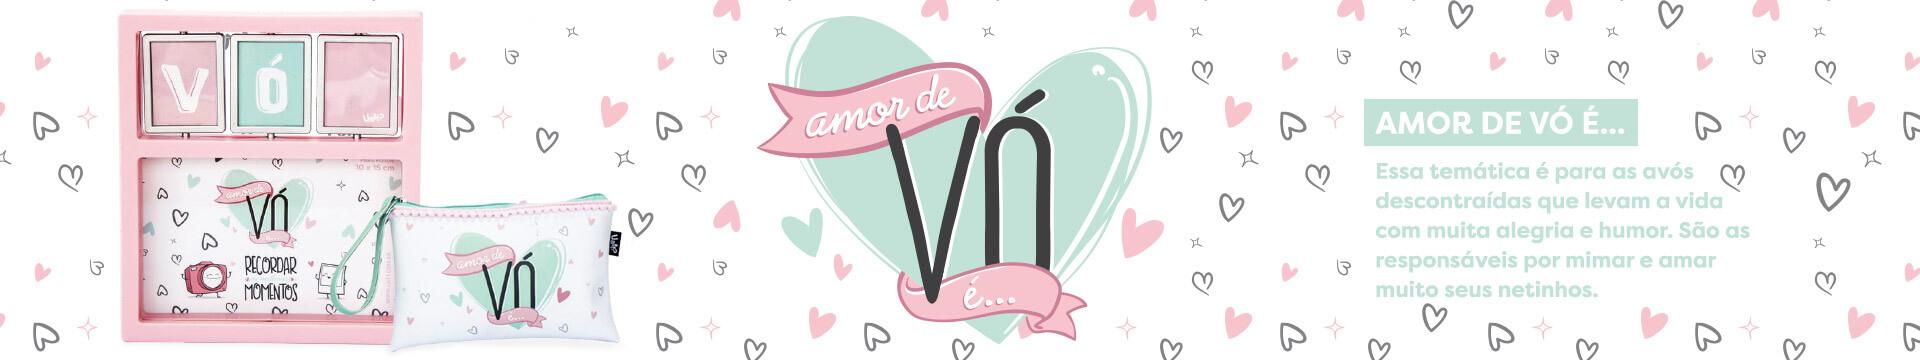 Coleção Amor de vó - presentes para o dia das mães